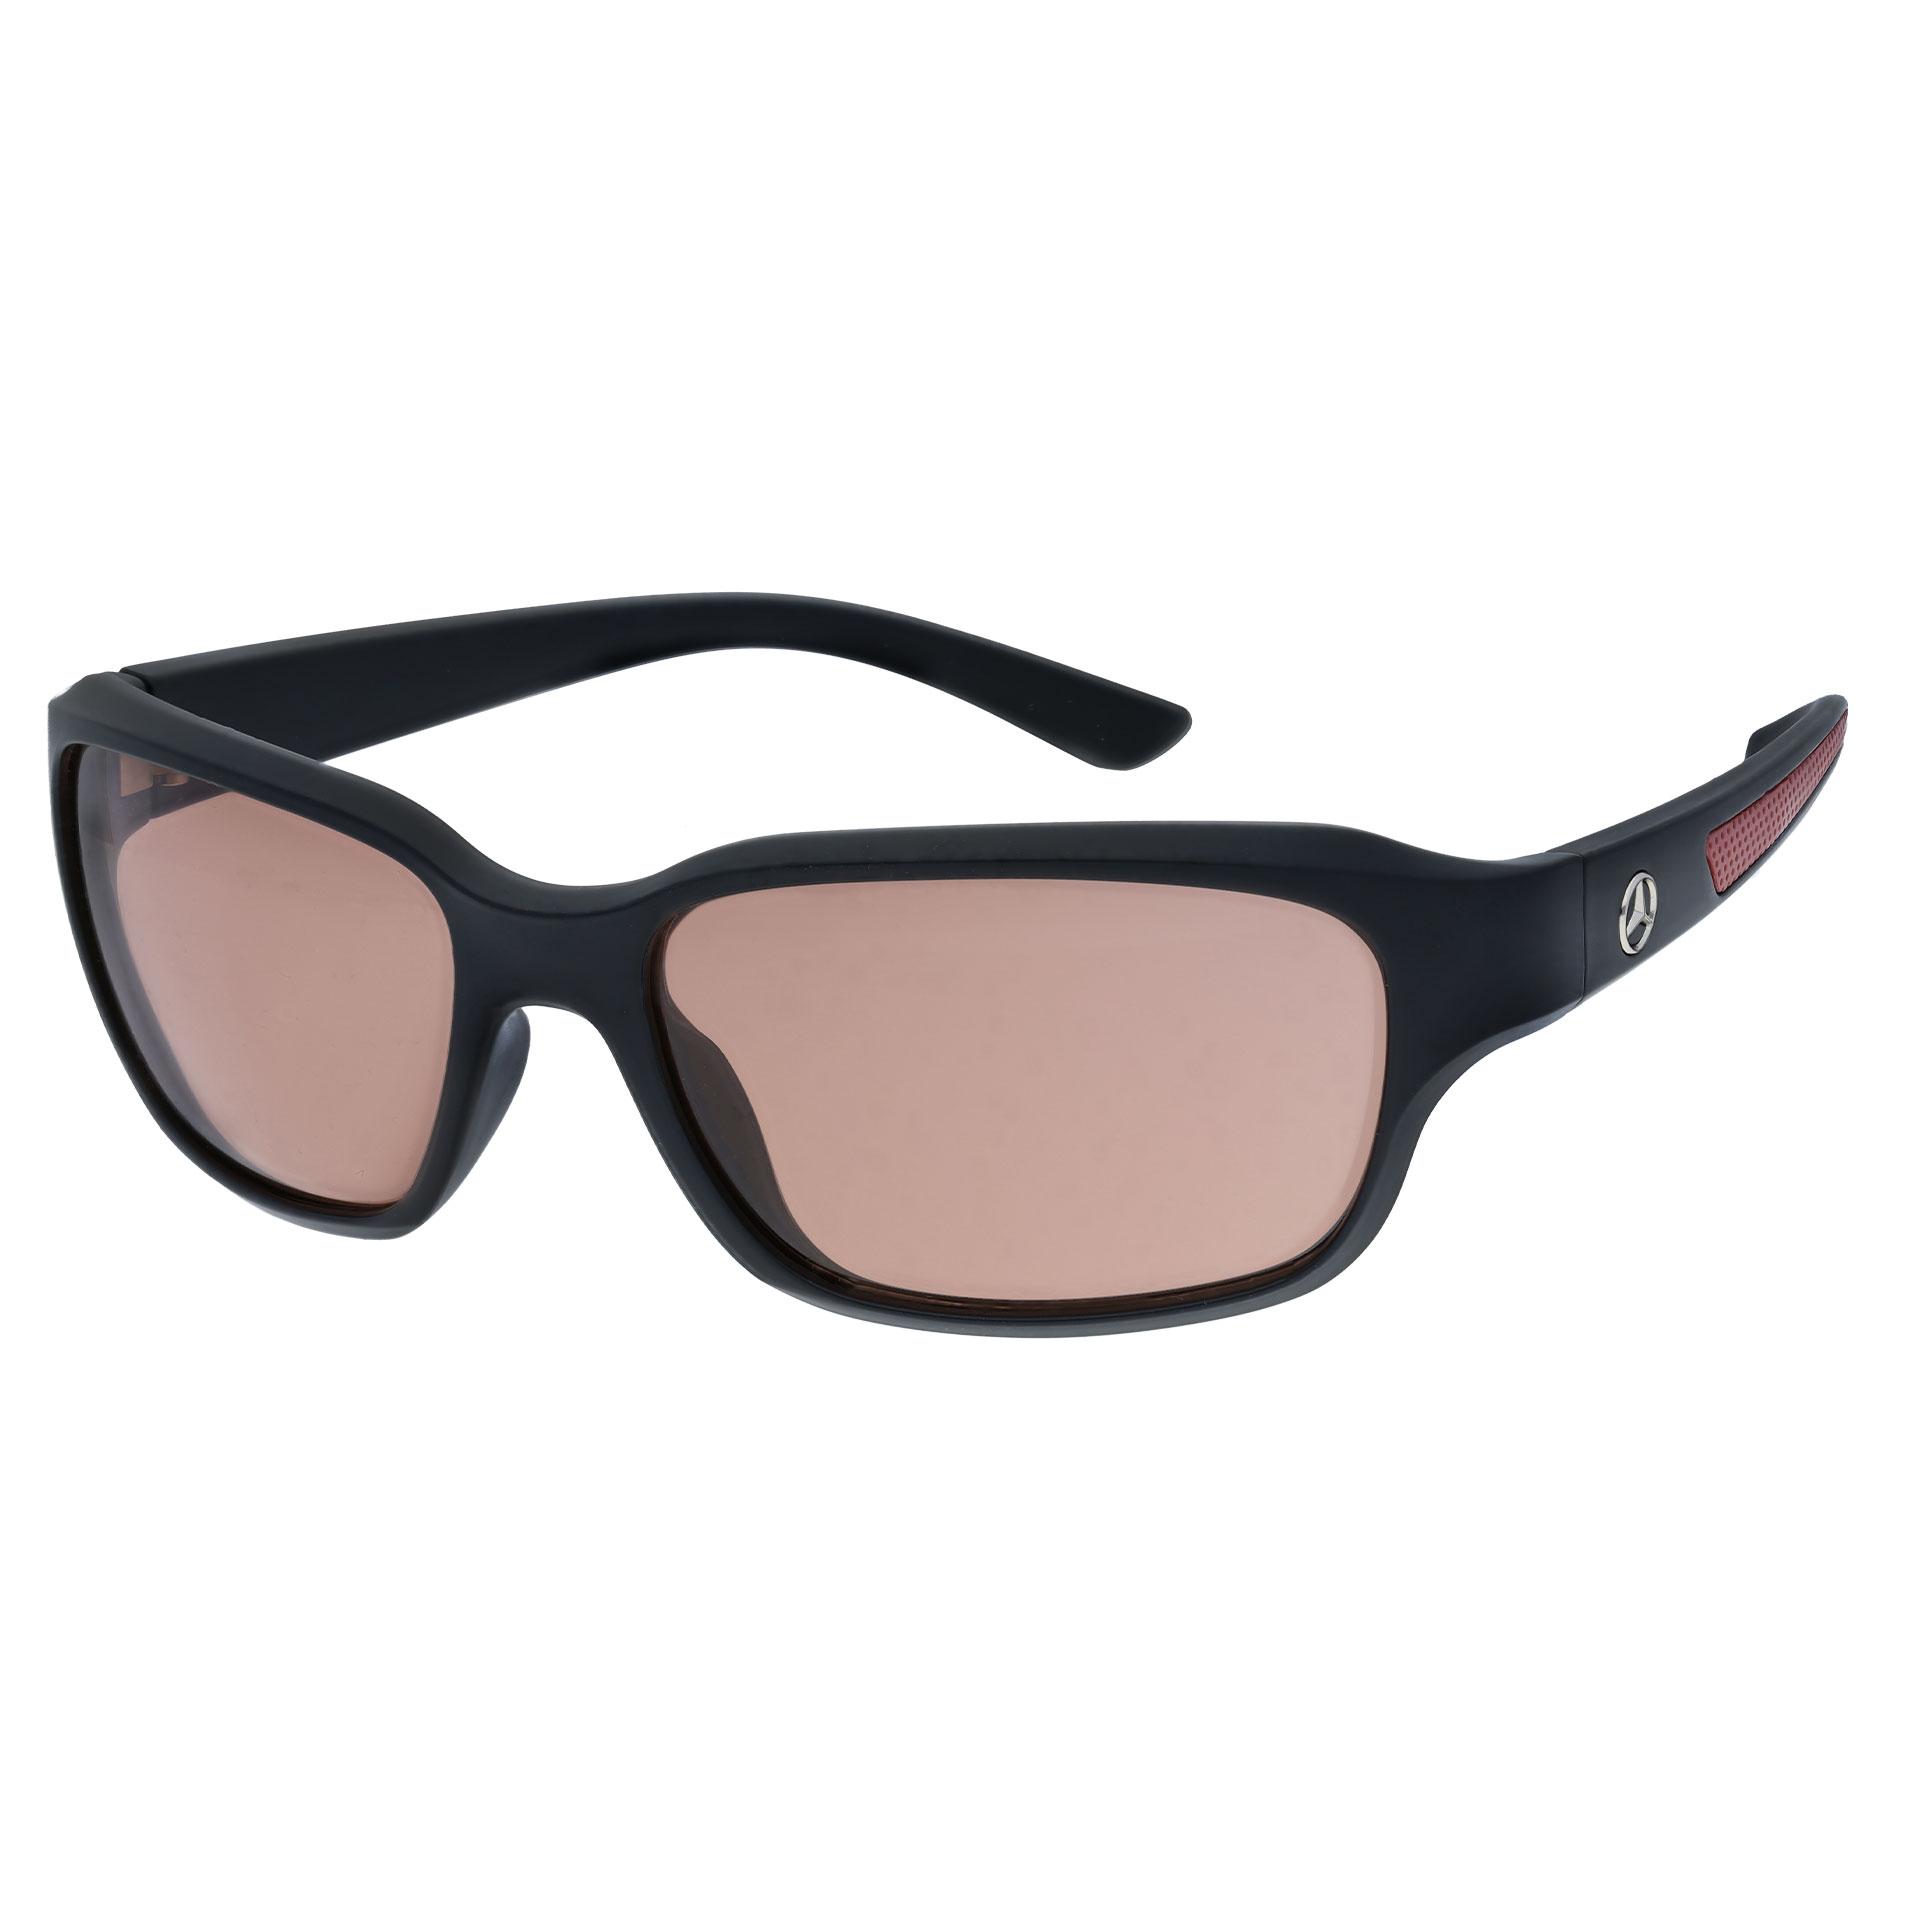 Mercedes-Benz Fahrer-Sonnenbrille Herren Sonnenbrille schwarz rot